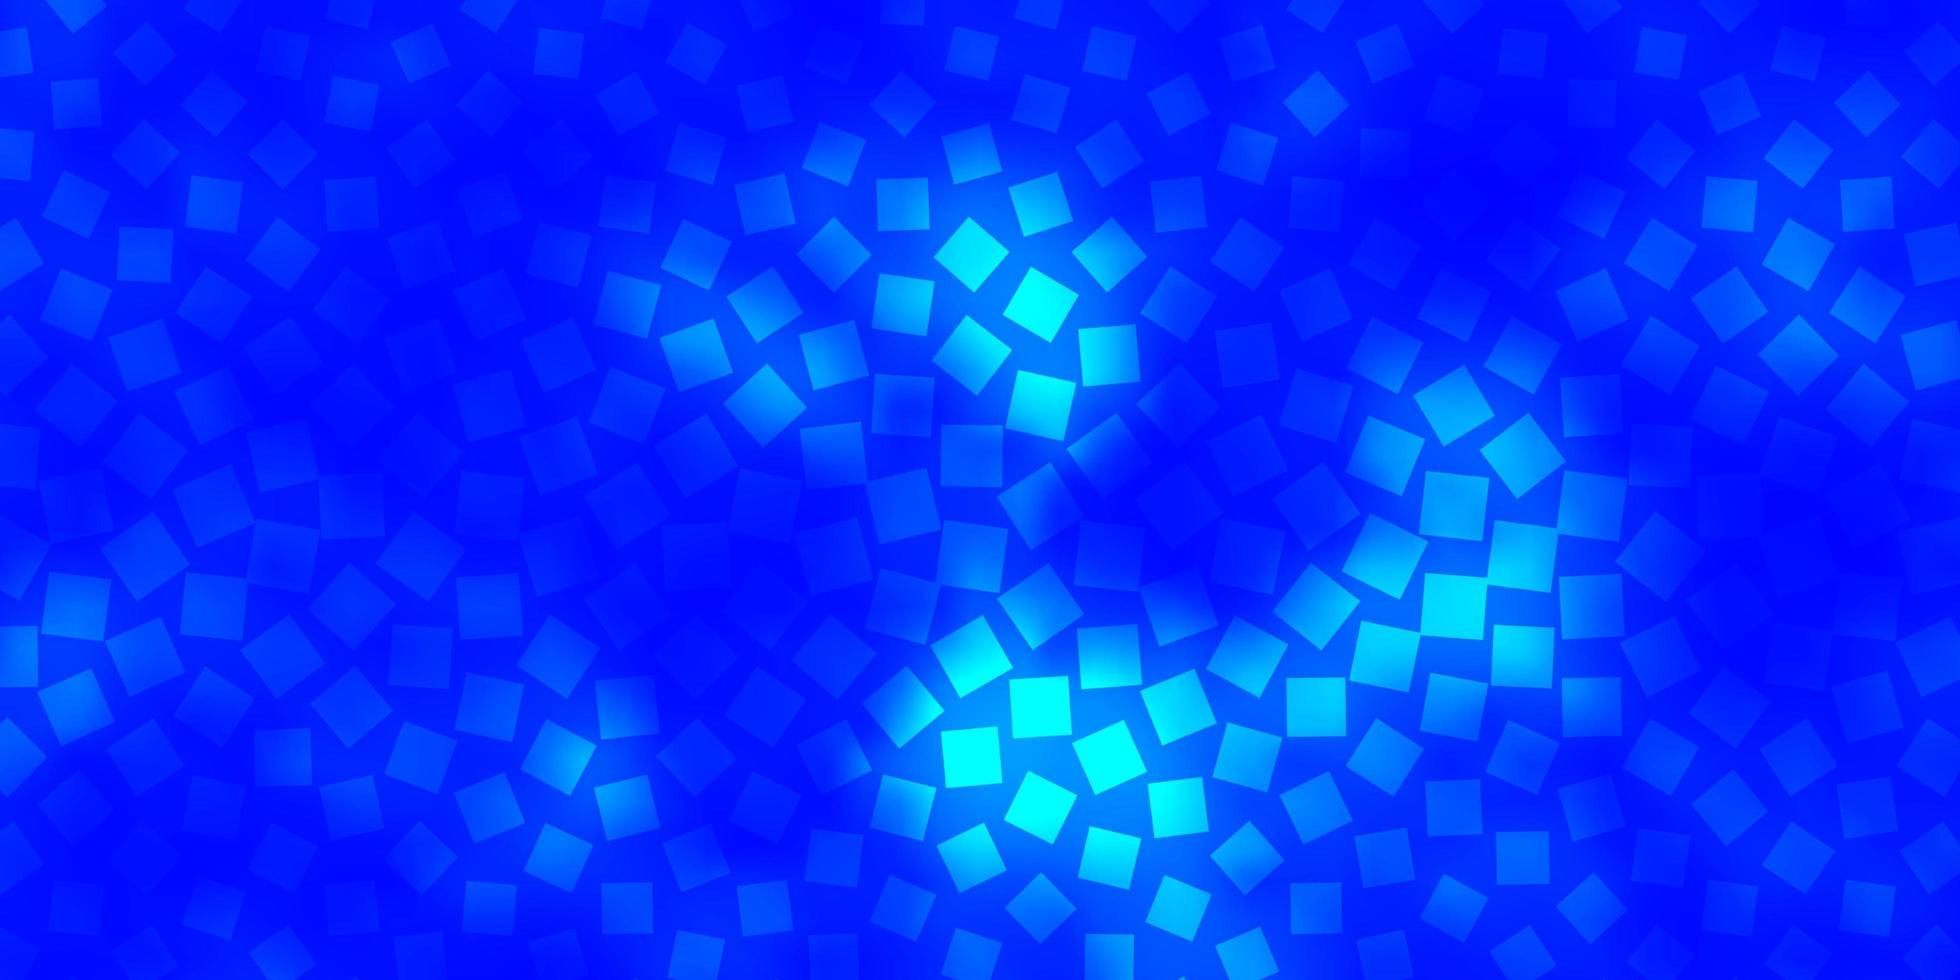 donkerblauwe vectorachtergrond in veelhoekige stijl. vector